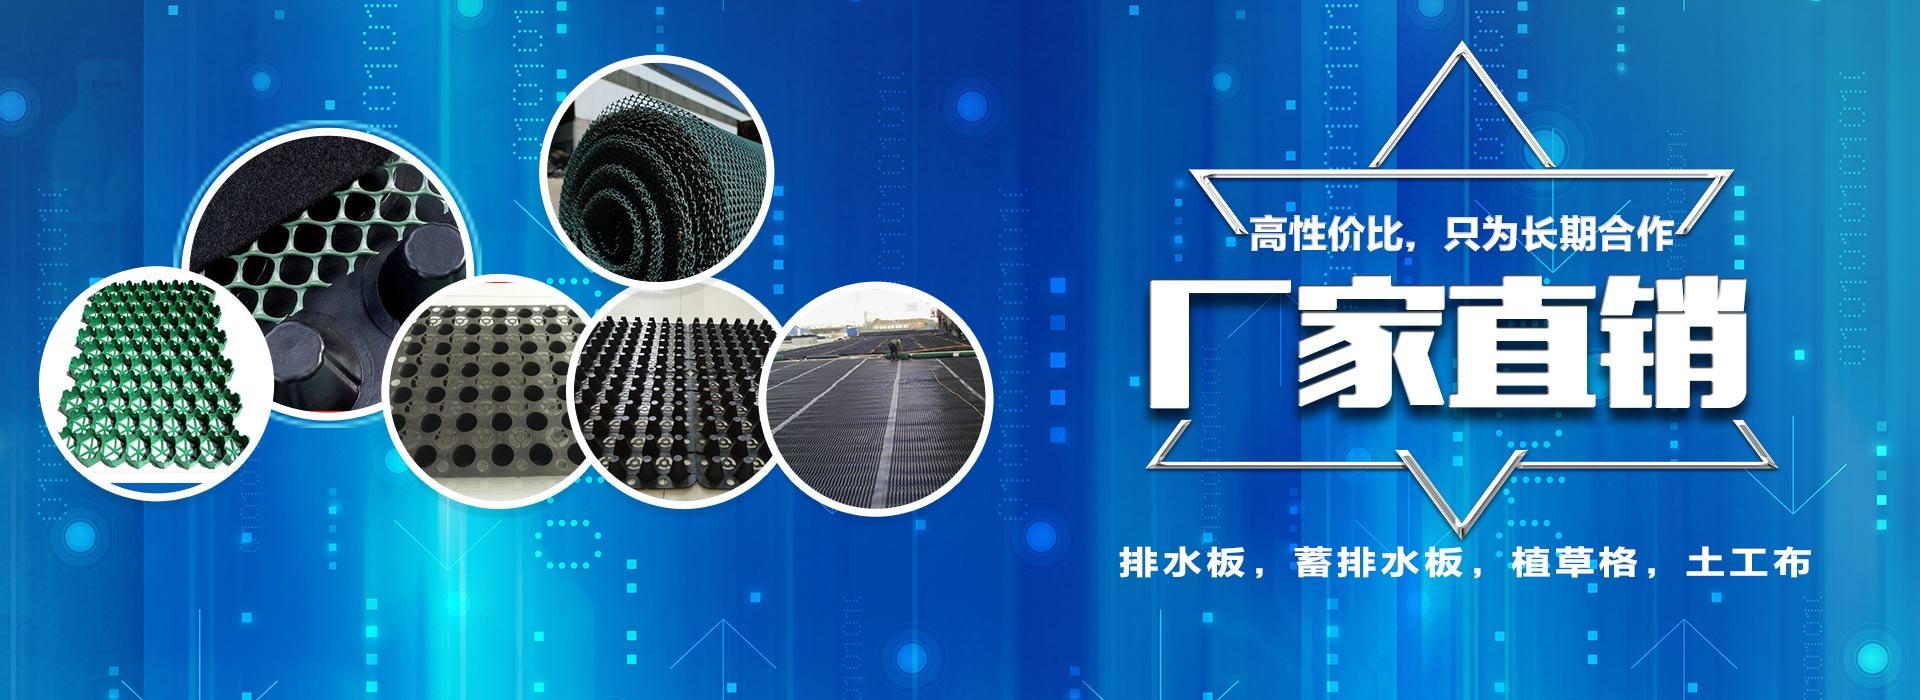 山东共建排水板厂家营销广告:塑料排水板、蓄排水板厂家直销批发,价格实惠